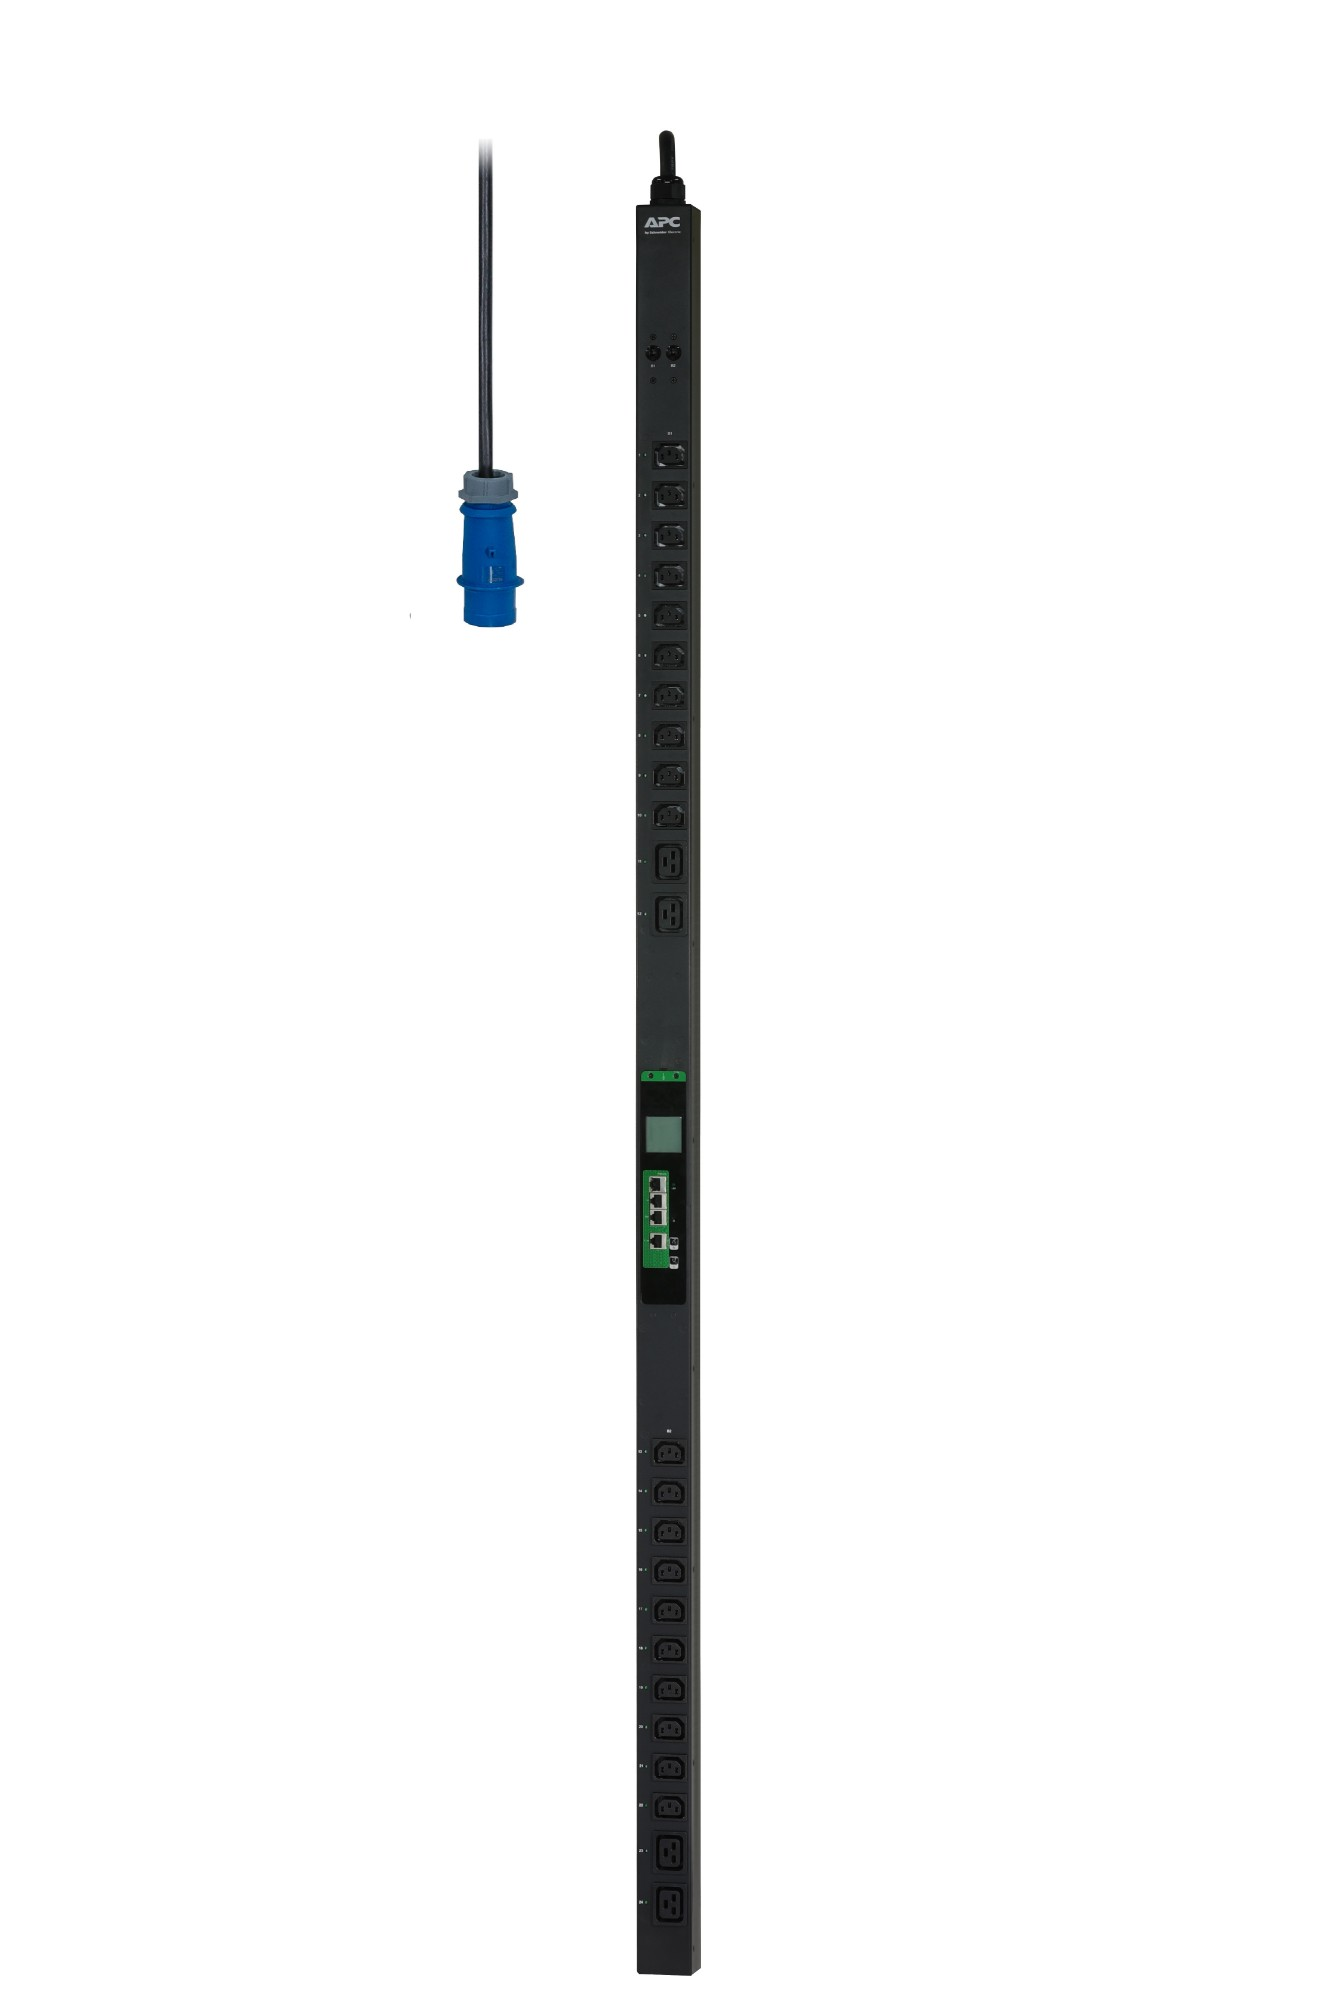 APC EPDU1132S power distribution unit (PDU) 0U Black 24 AC outlet(s)